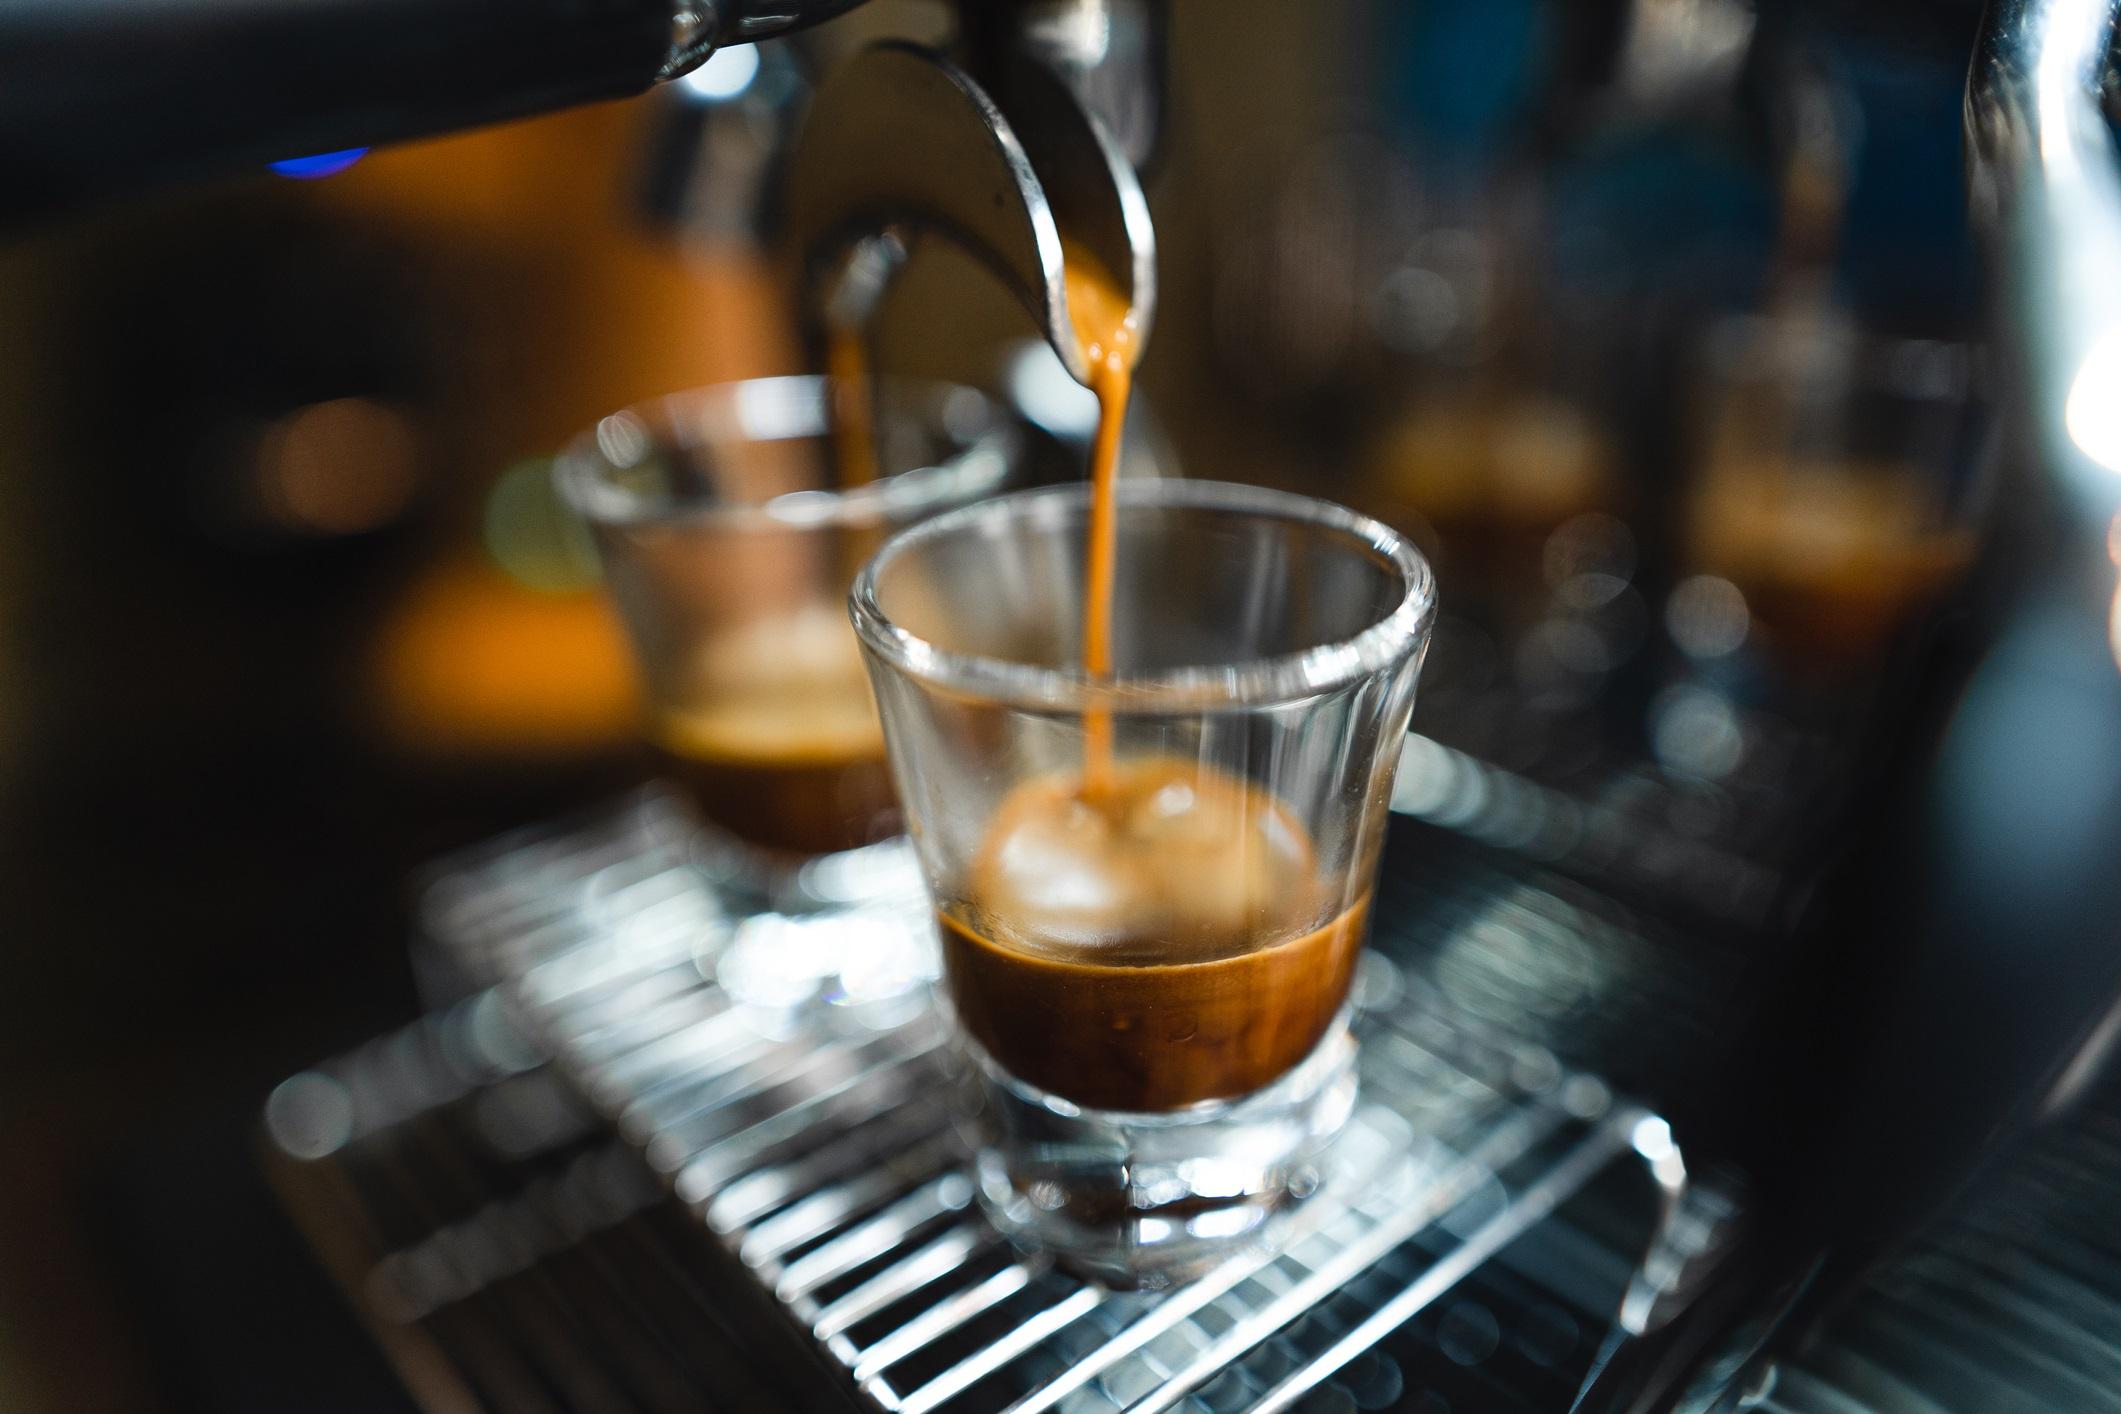 <p><strong>Хора със синдром на раздразненото черво</strong></p>  <p>Кофеинът може да увеличи редовността на червата, включително да увеличи шансовете за диария. Ако страдате от този синдром е добре да ограничите или направо да избягвате кофеиновите напитки.</p>